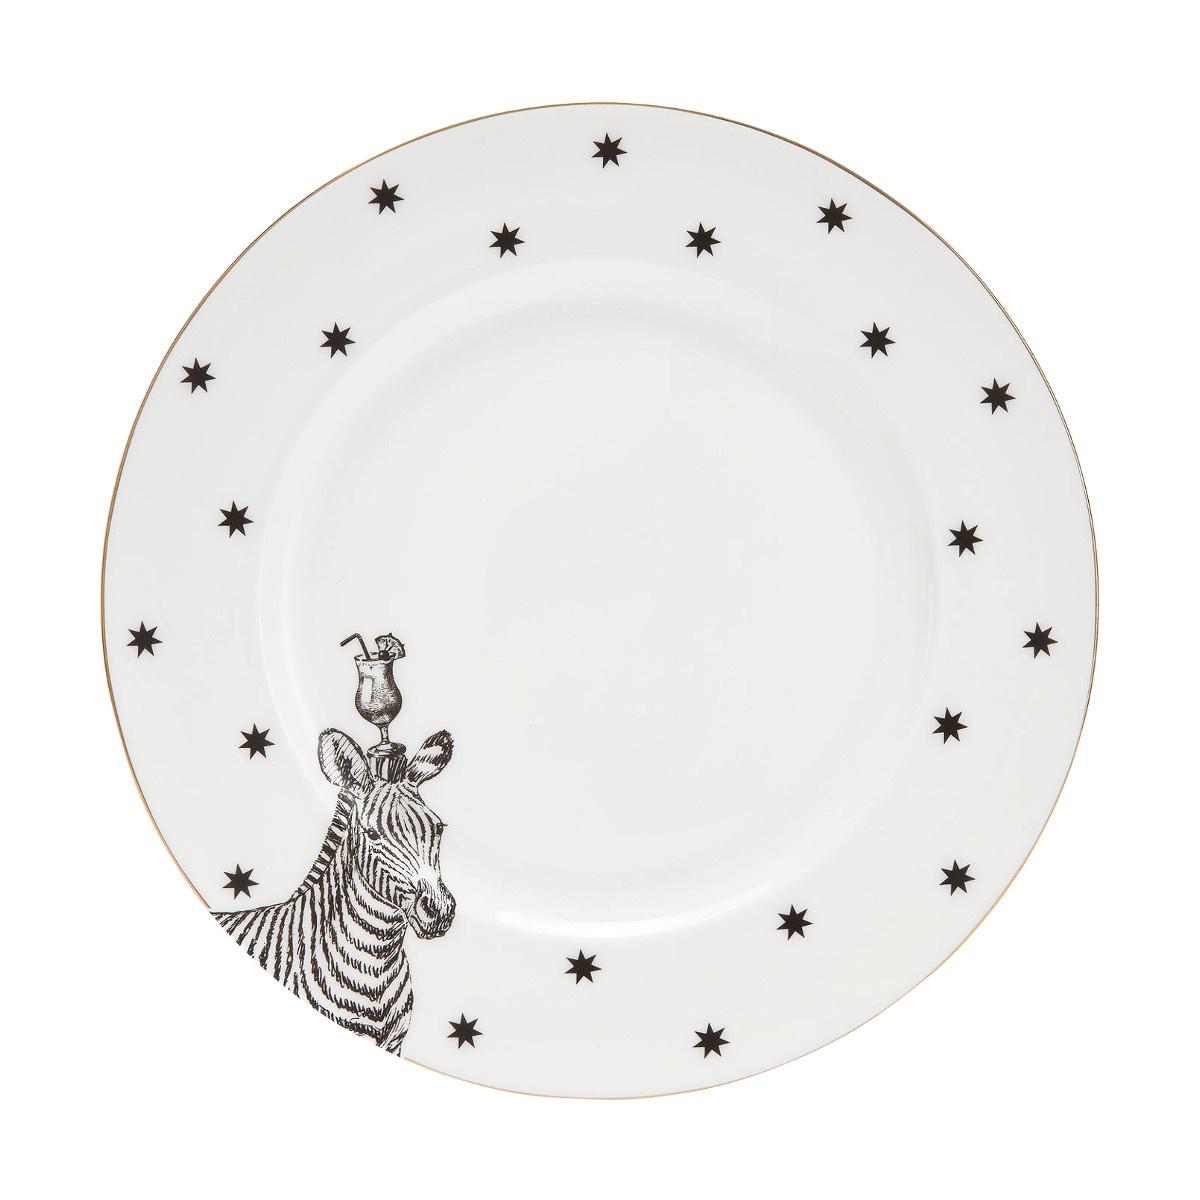 Yvonne Ellen Yvonne Ellen London Monochrome 2-er Set Teller Ø 26,5 cm - Zebra Motiv- Bone China Porzellan